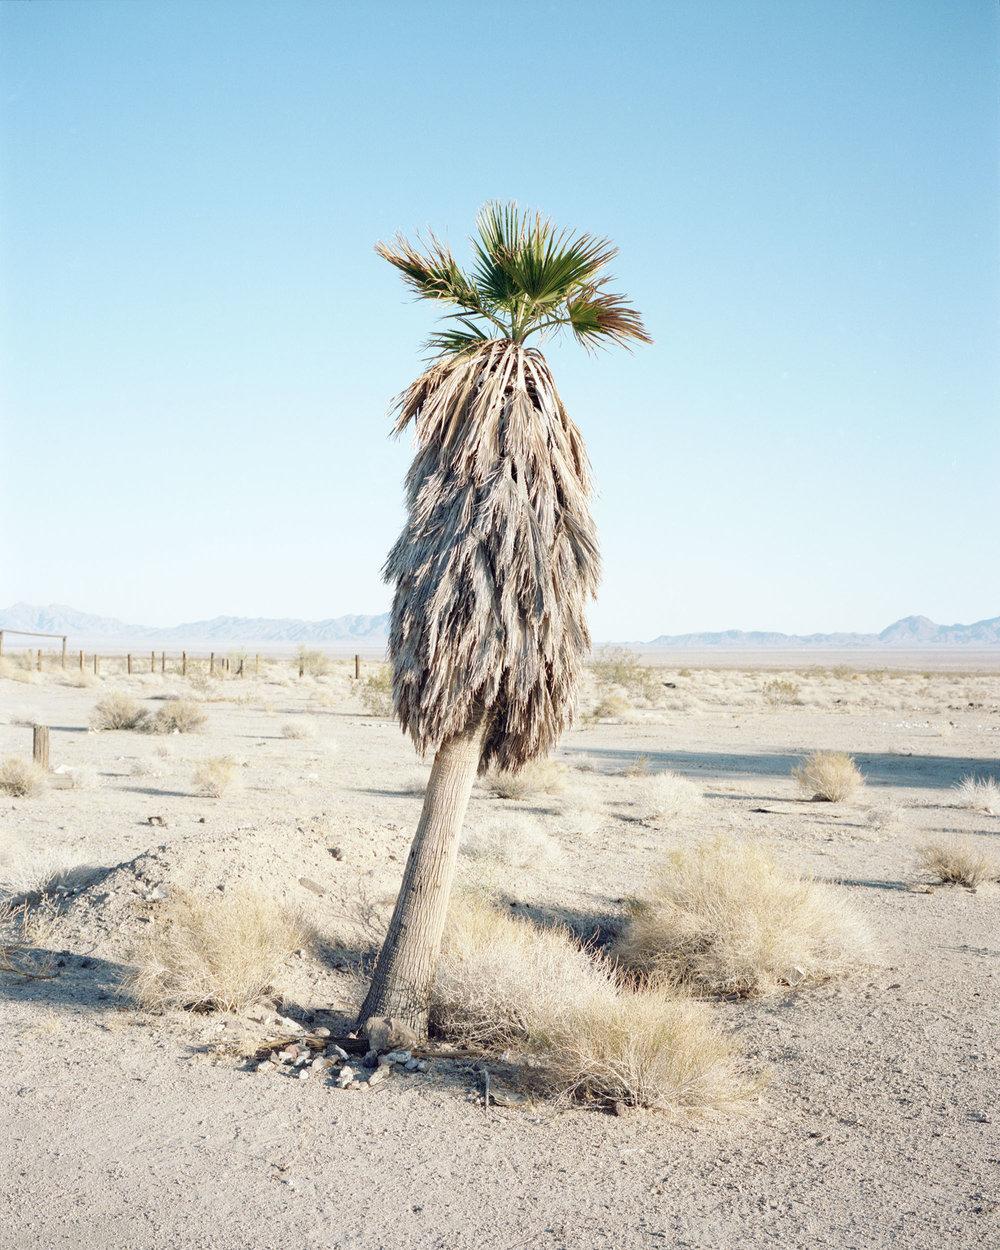 wild palm003.jpg